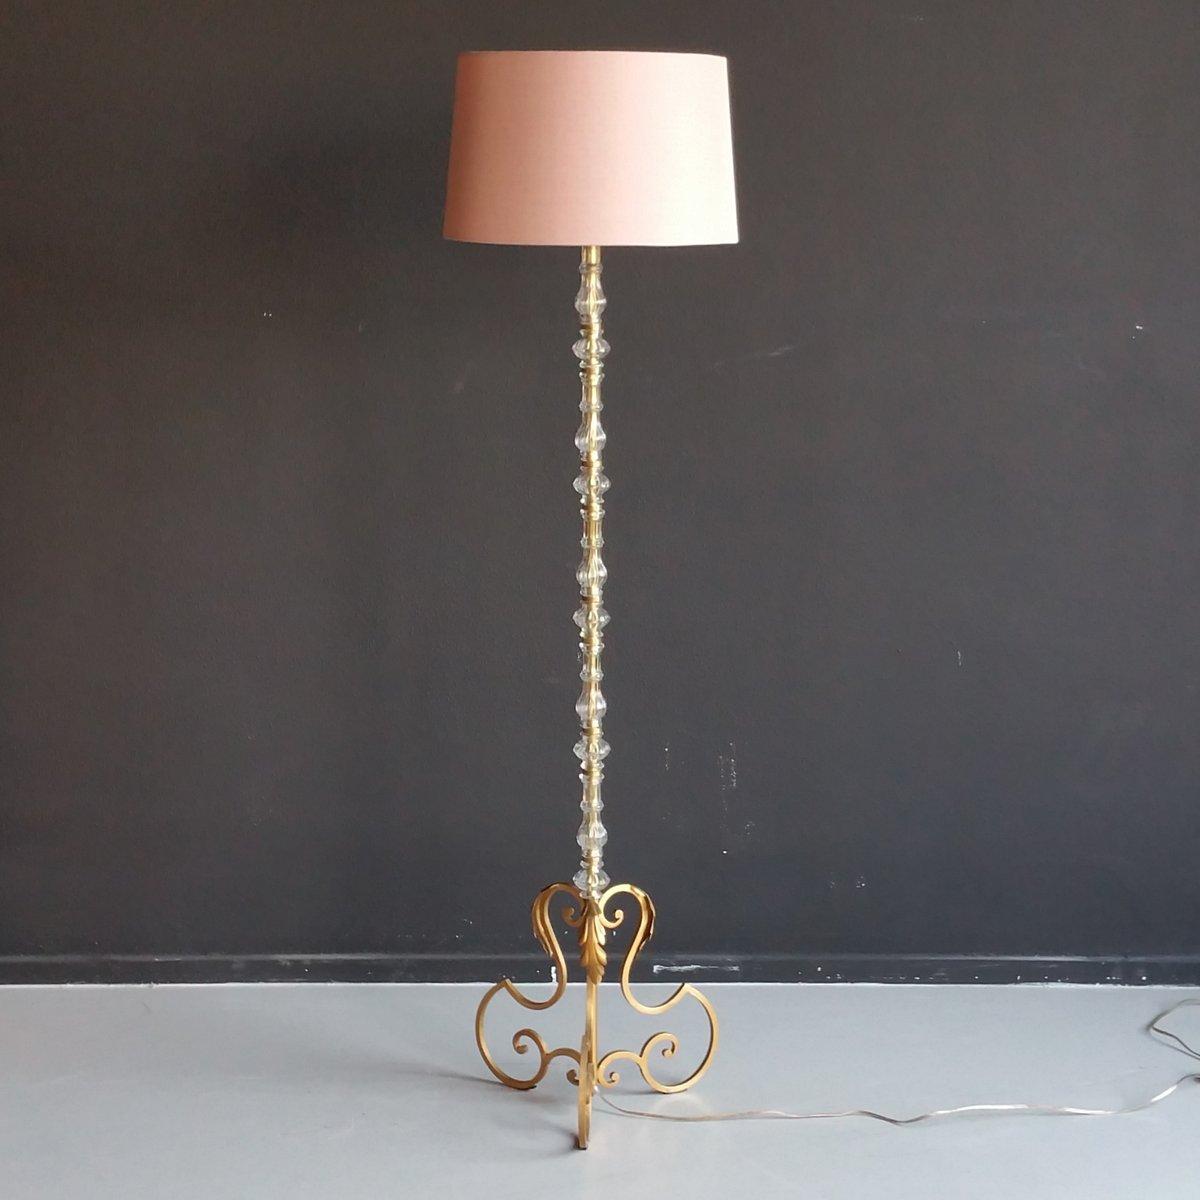 stehlampe mit vergoldetem metall und murano glas 1960er bei pamono kaufen. Black Bedroom Furniture Sets. Home Design Ideas